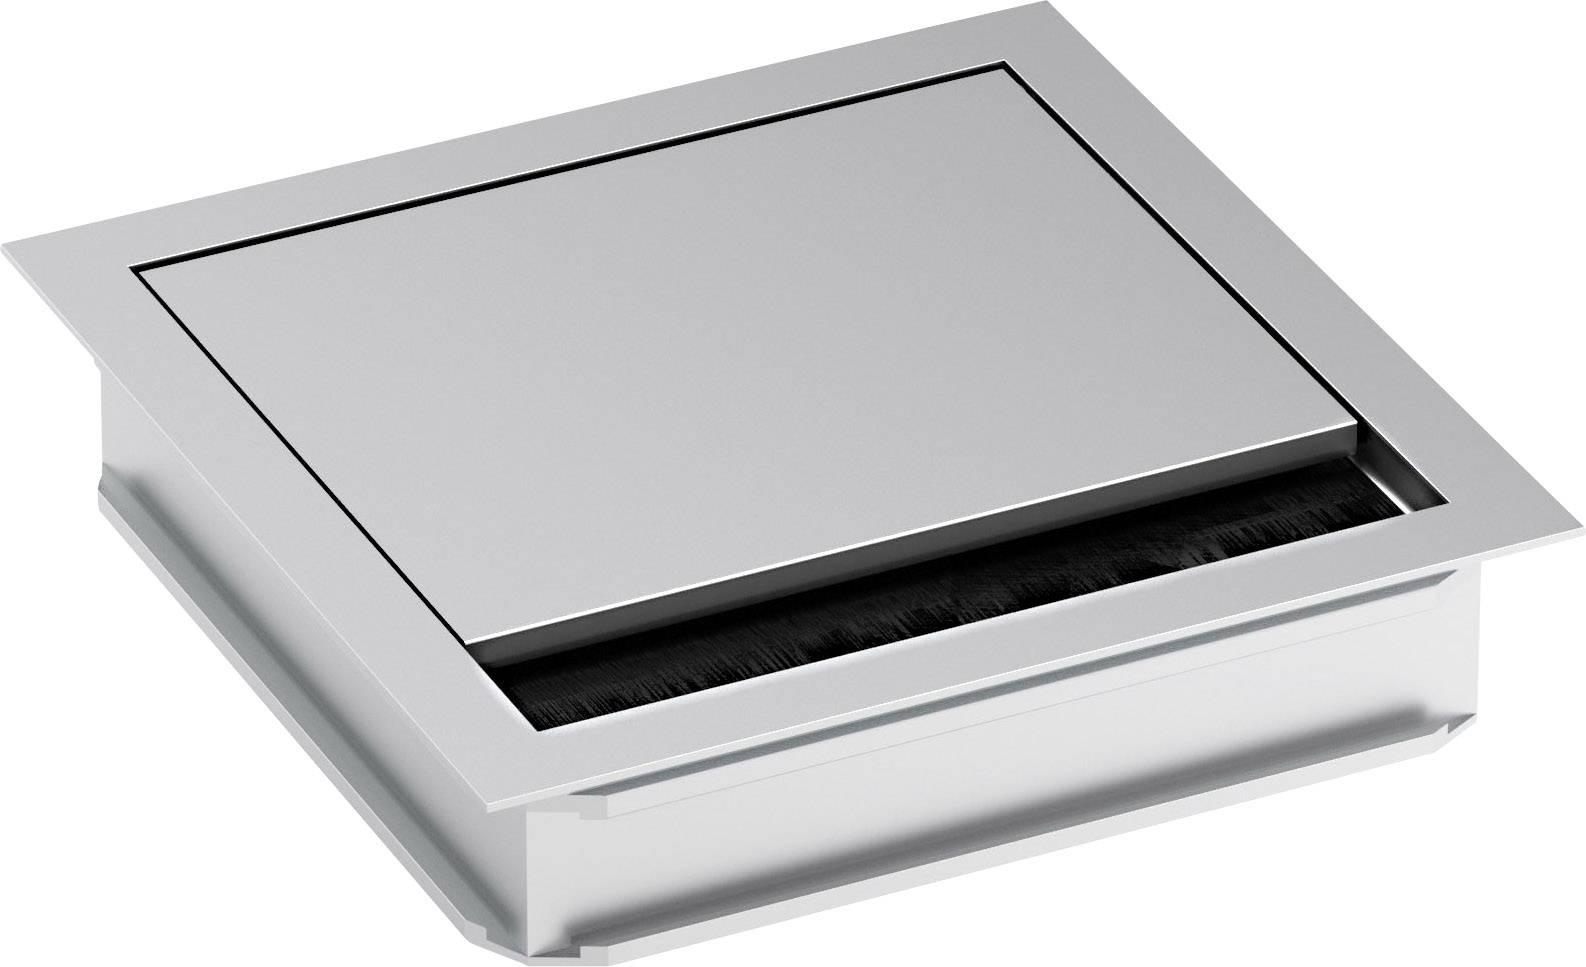 Kabelová průchodka čtvercová Bachmann 930.310, Ø 5 mm, hliník, stříbrná (matná, eloxovaná), 1 ks